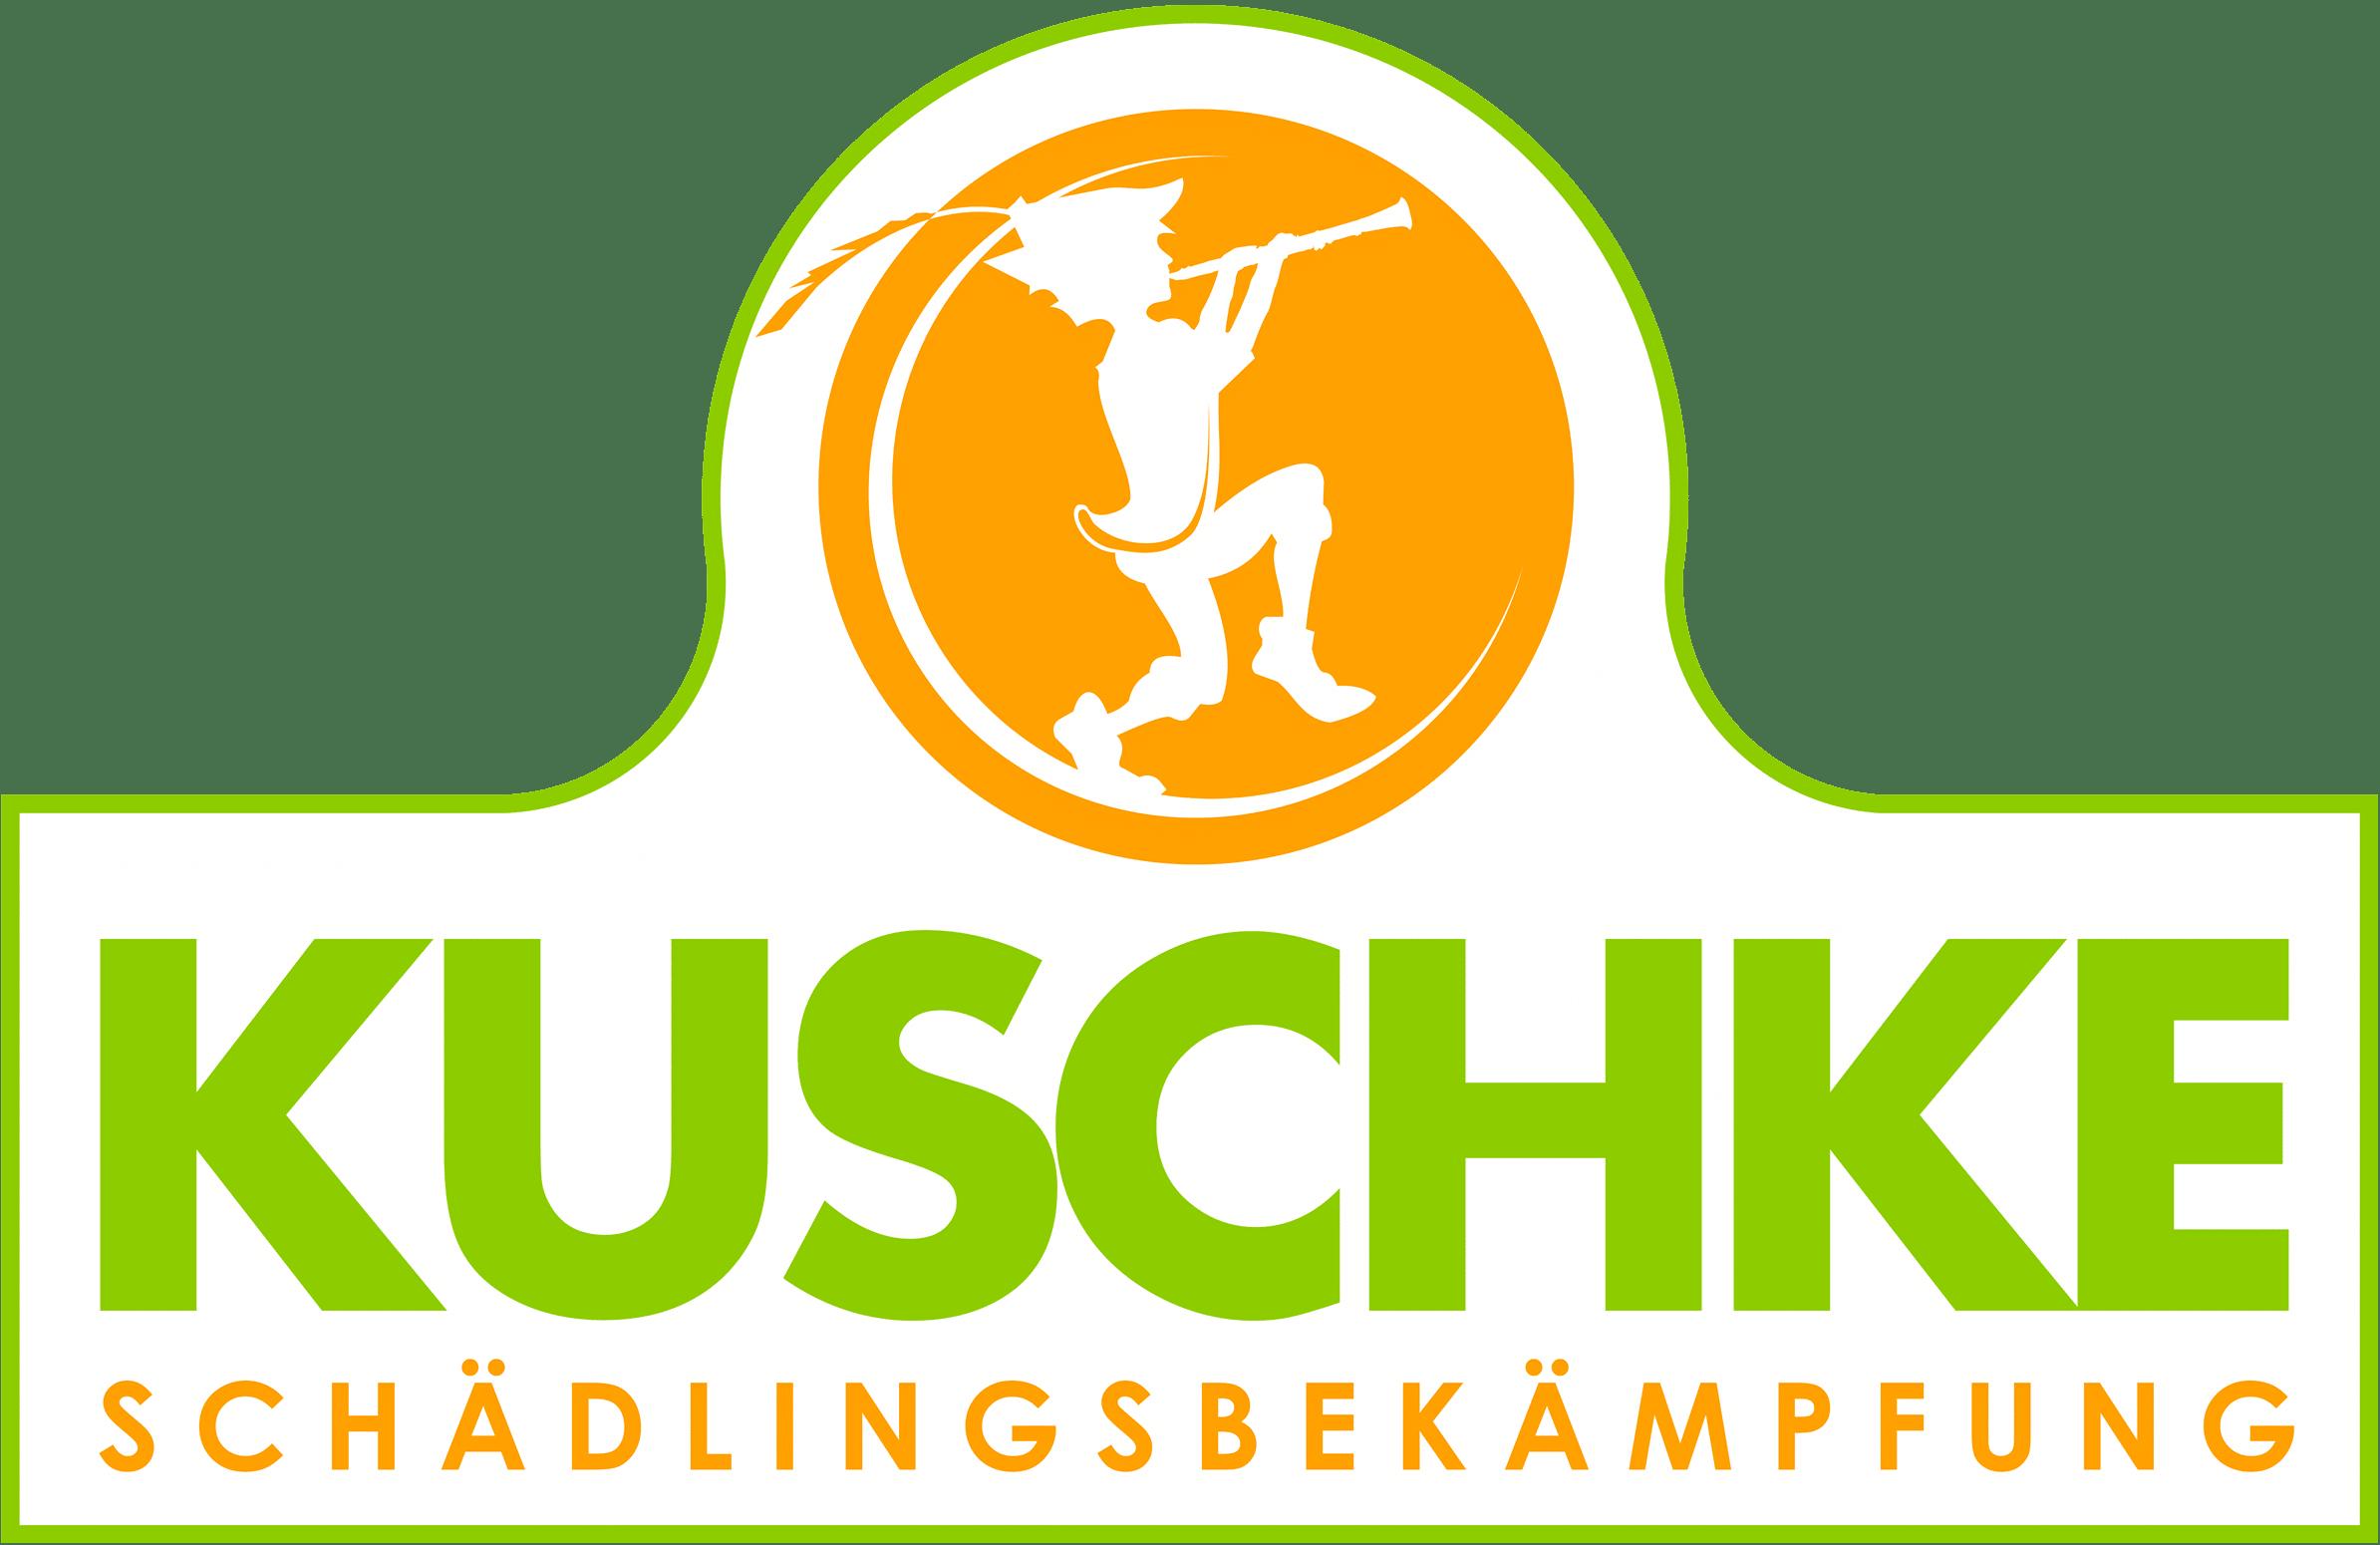 Kuschke Schädlingsbekämpfung